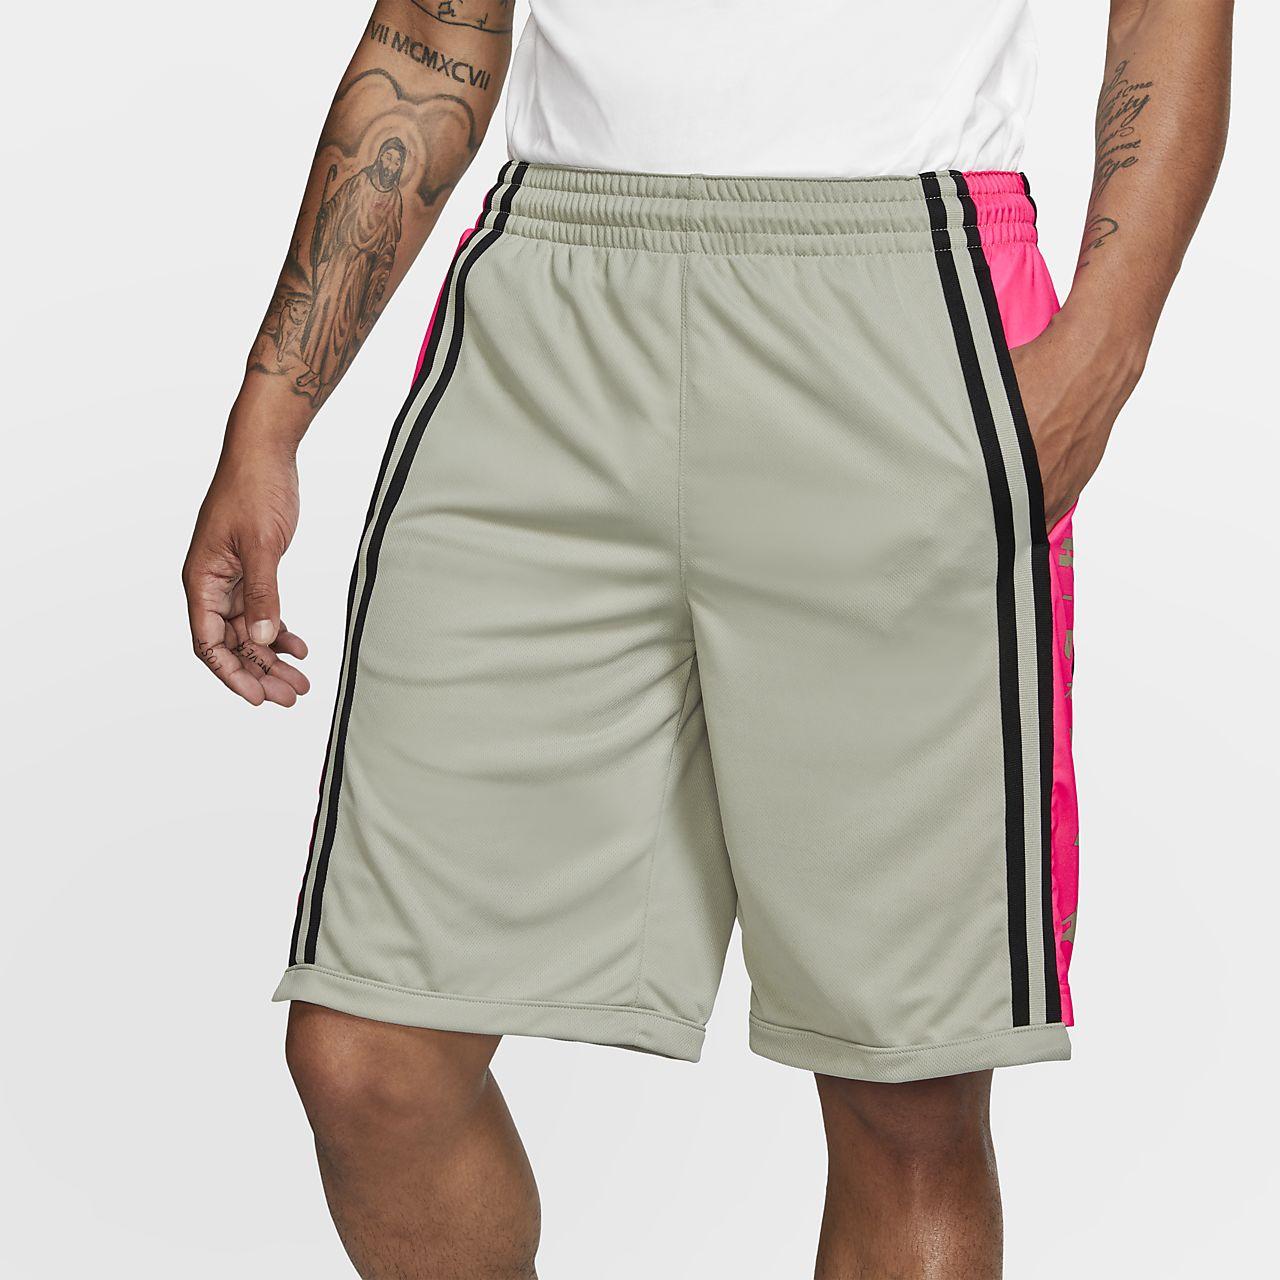 6c20733e0ff6 Jordan HBR Men s Basketball Shorts. Nike.com PT